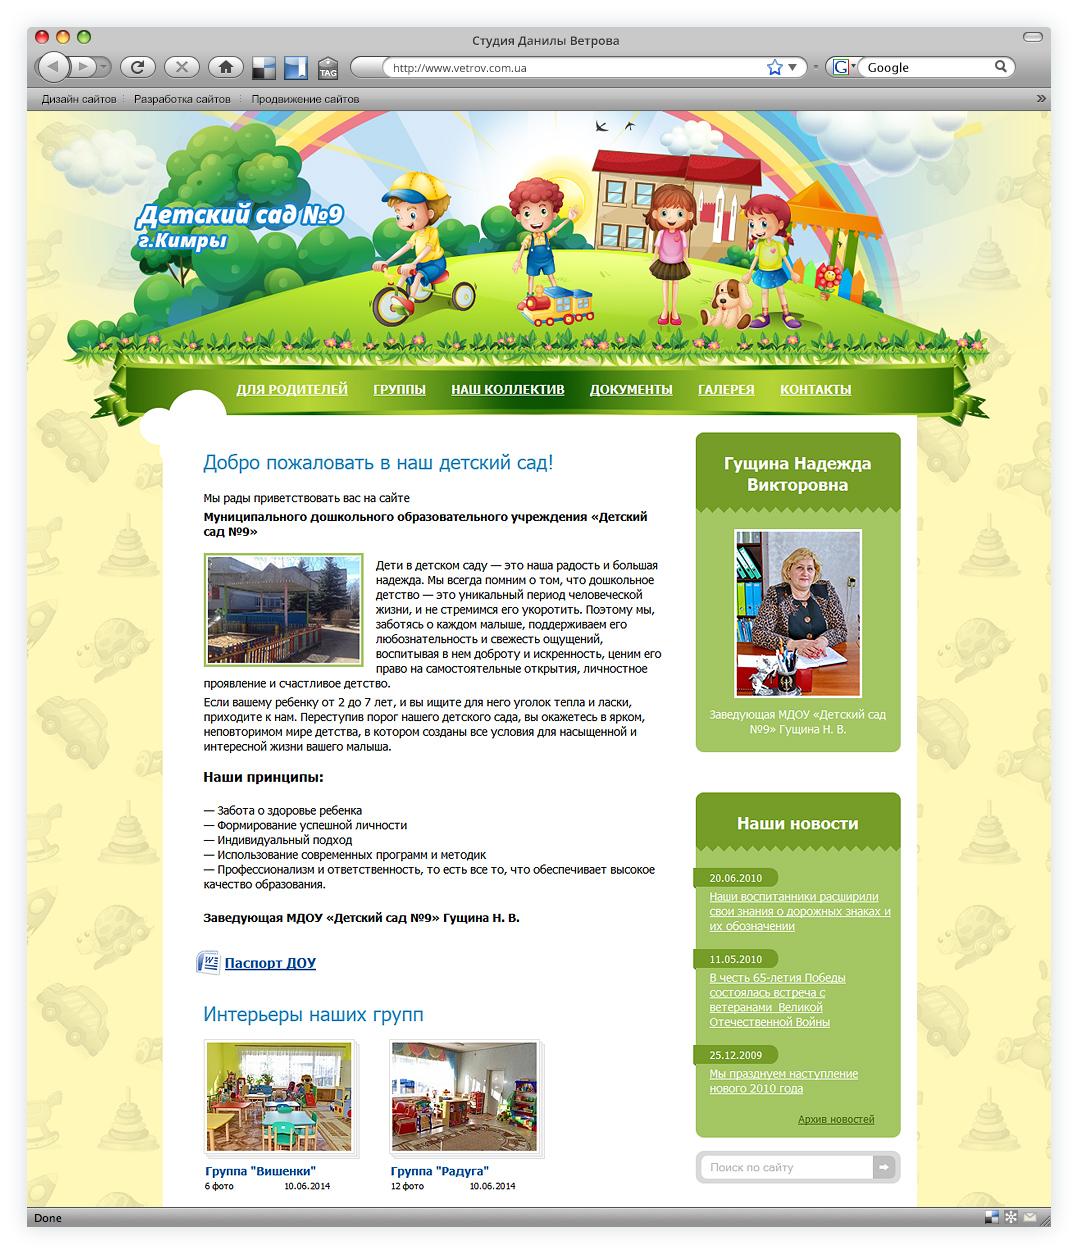 Детский сад№9